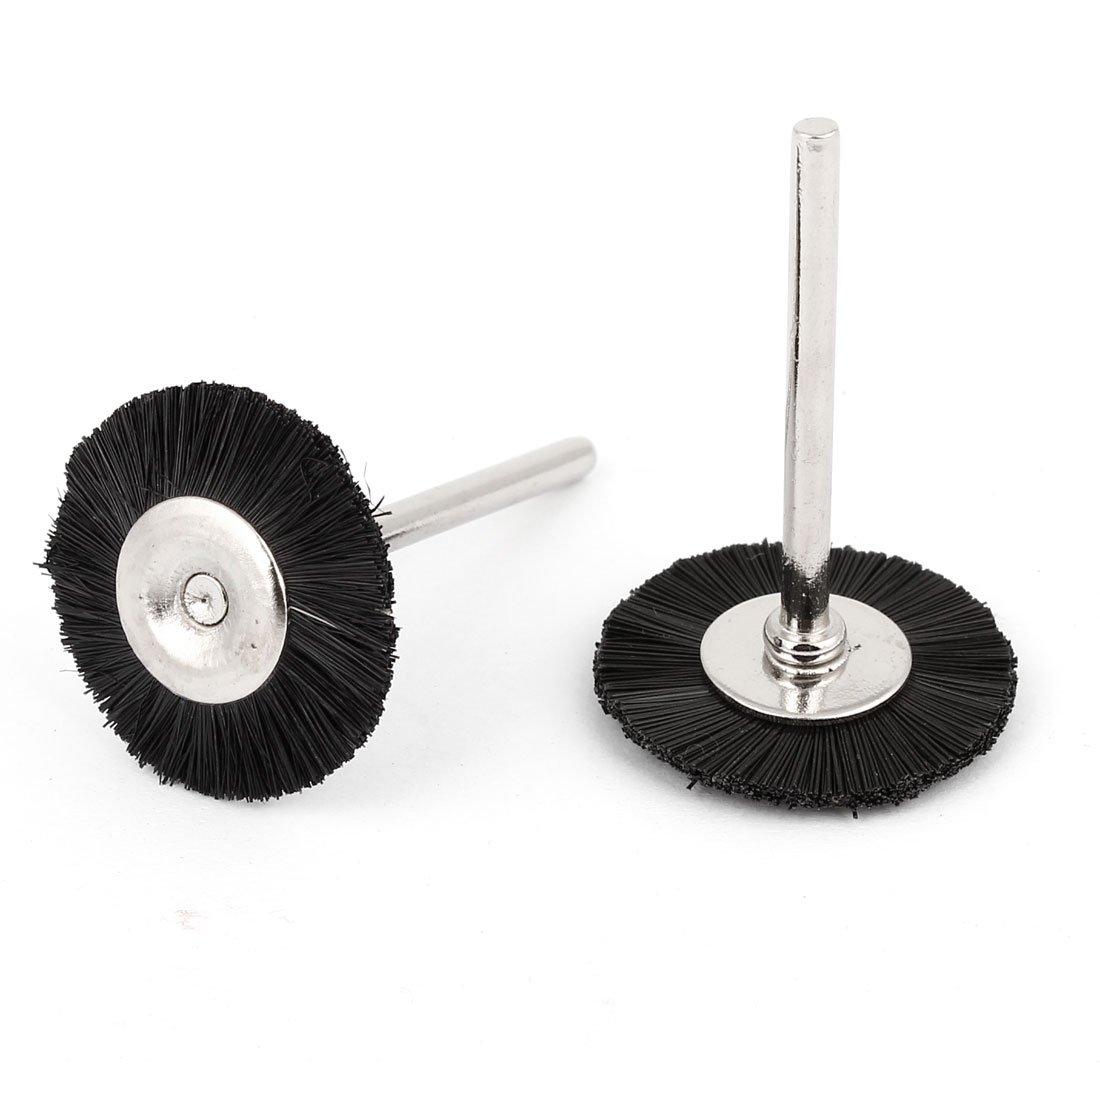 2 piezas 25 mm de diá metro de impresora de nailon negro cepillo ruedas de pulido para herramienta rotativa Sourcingmap a14062300ux0382